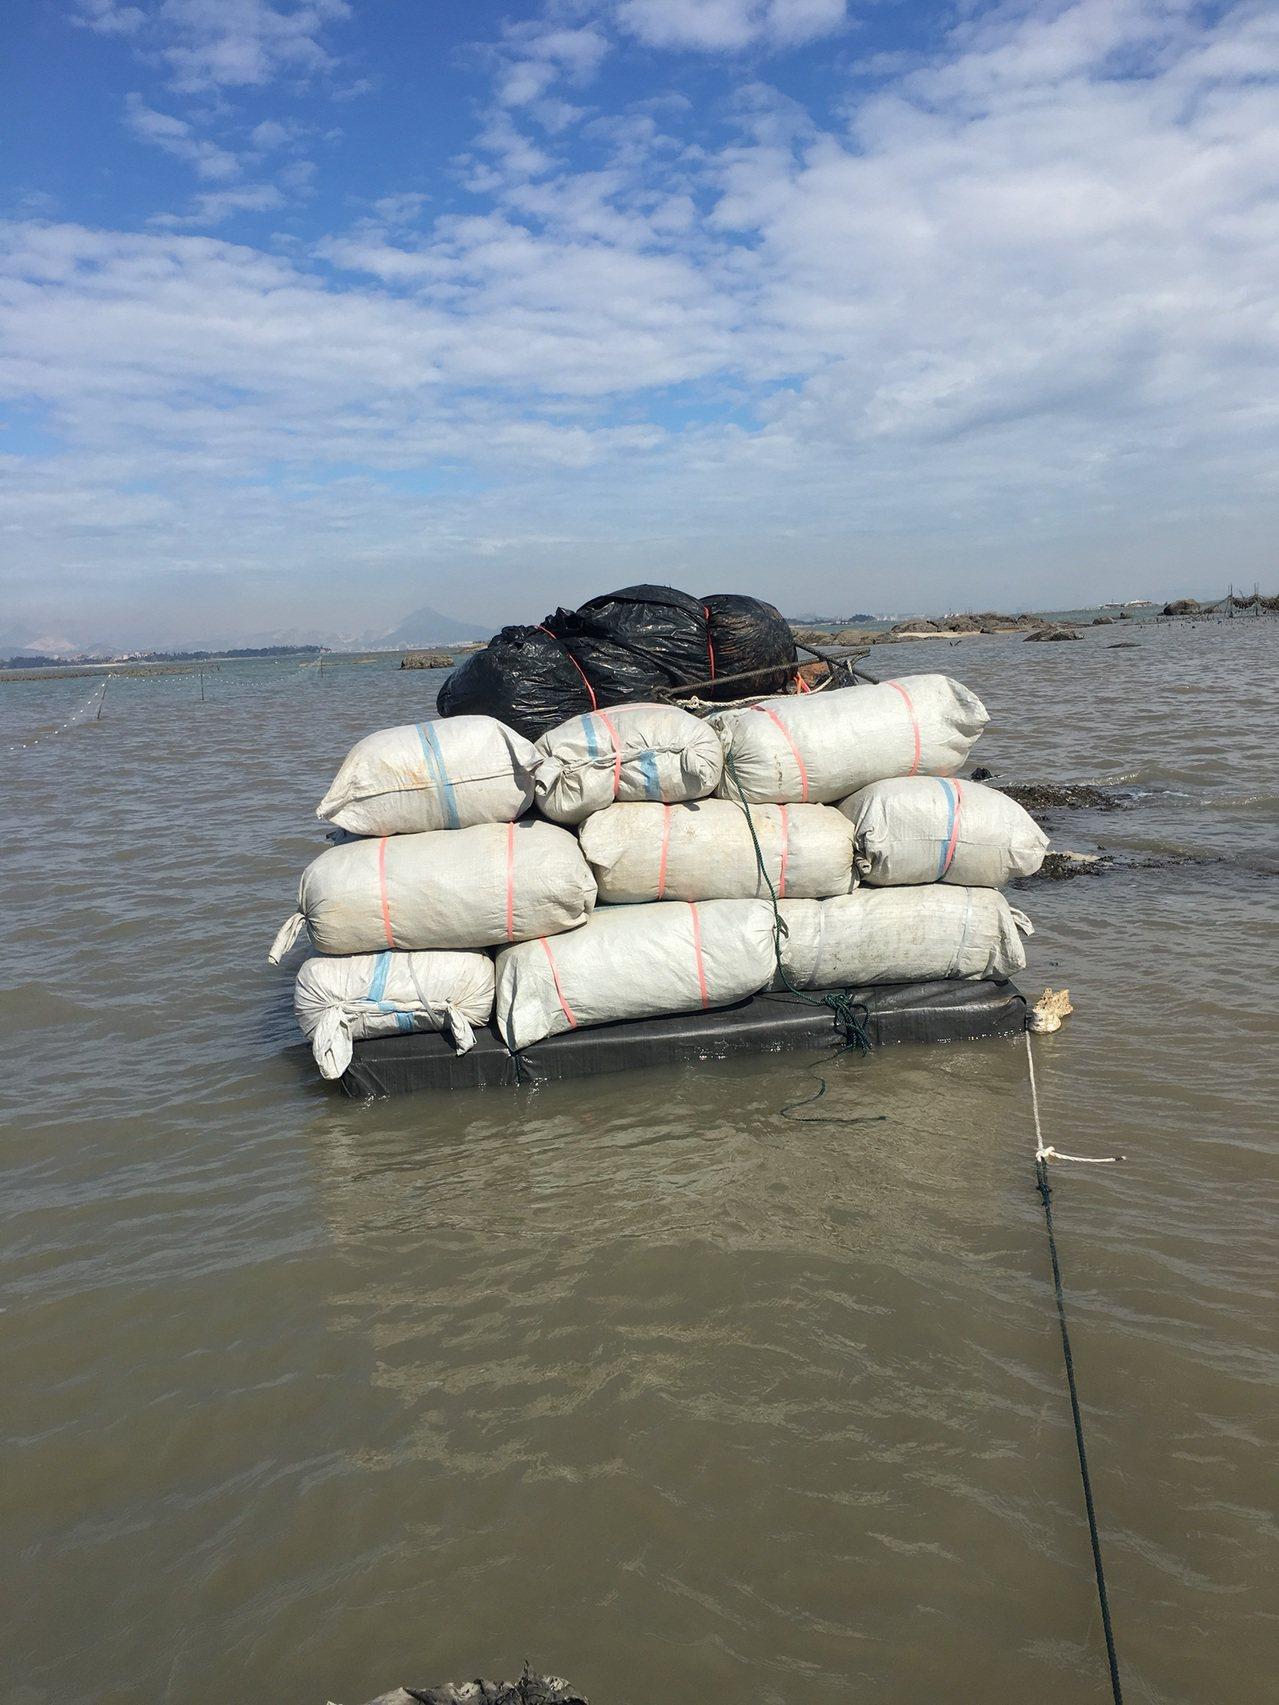 金門岸巡總隊查獲新的走私手法,賣家直接將貨品放在海上的浮動平台,讓私梟趁夜自行來...